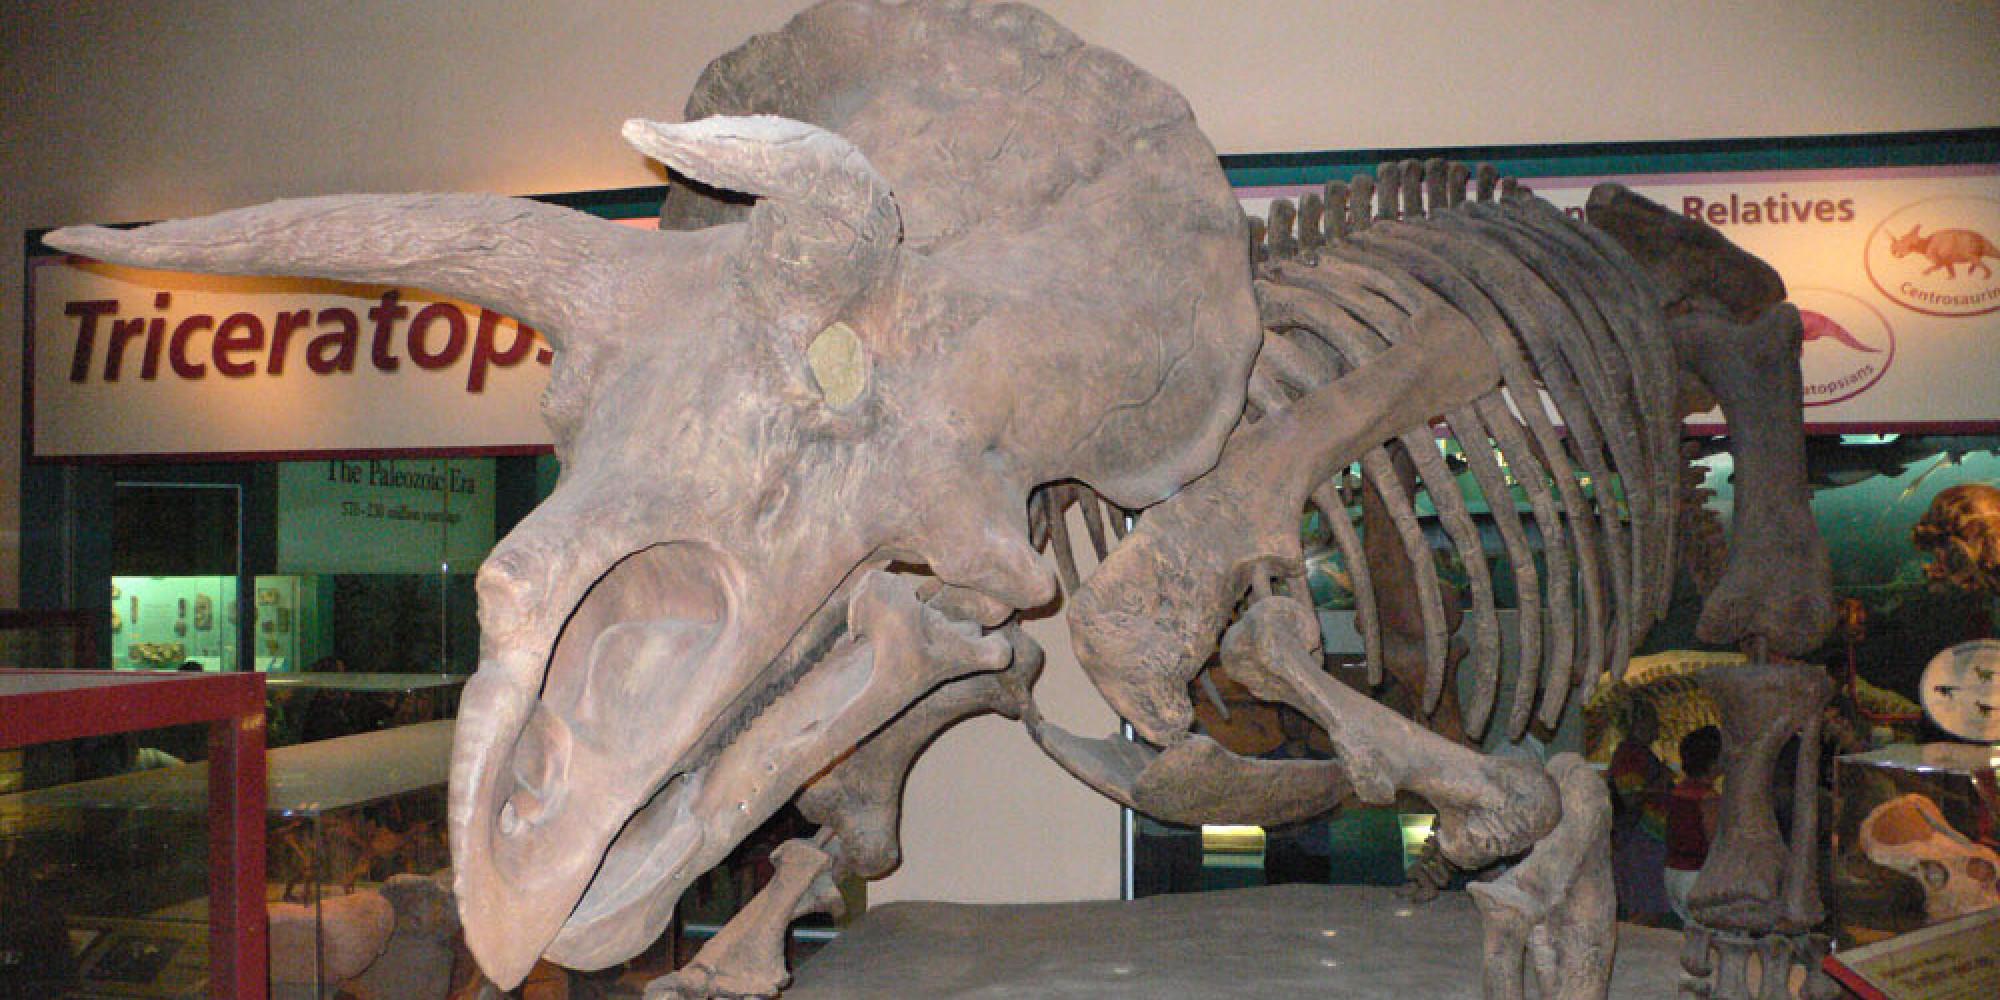 La famille des tricératops s'agrandit après la découverte d'un nouveau dinosaure